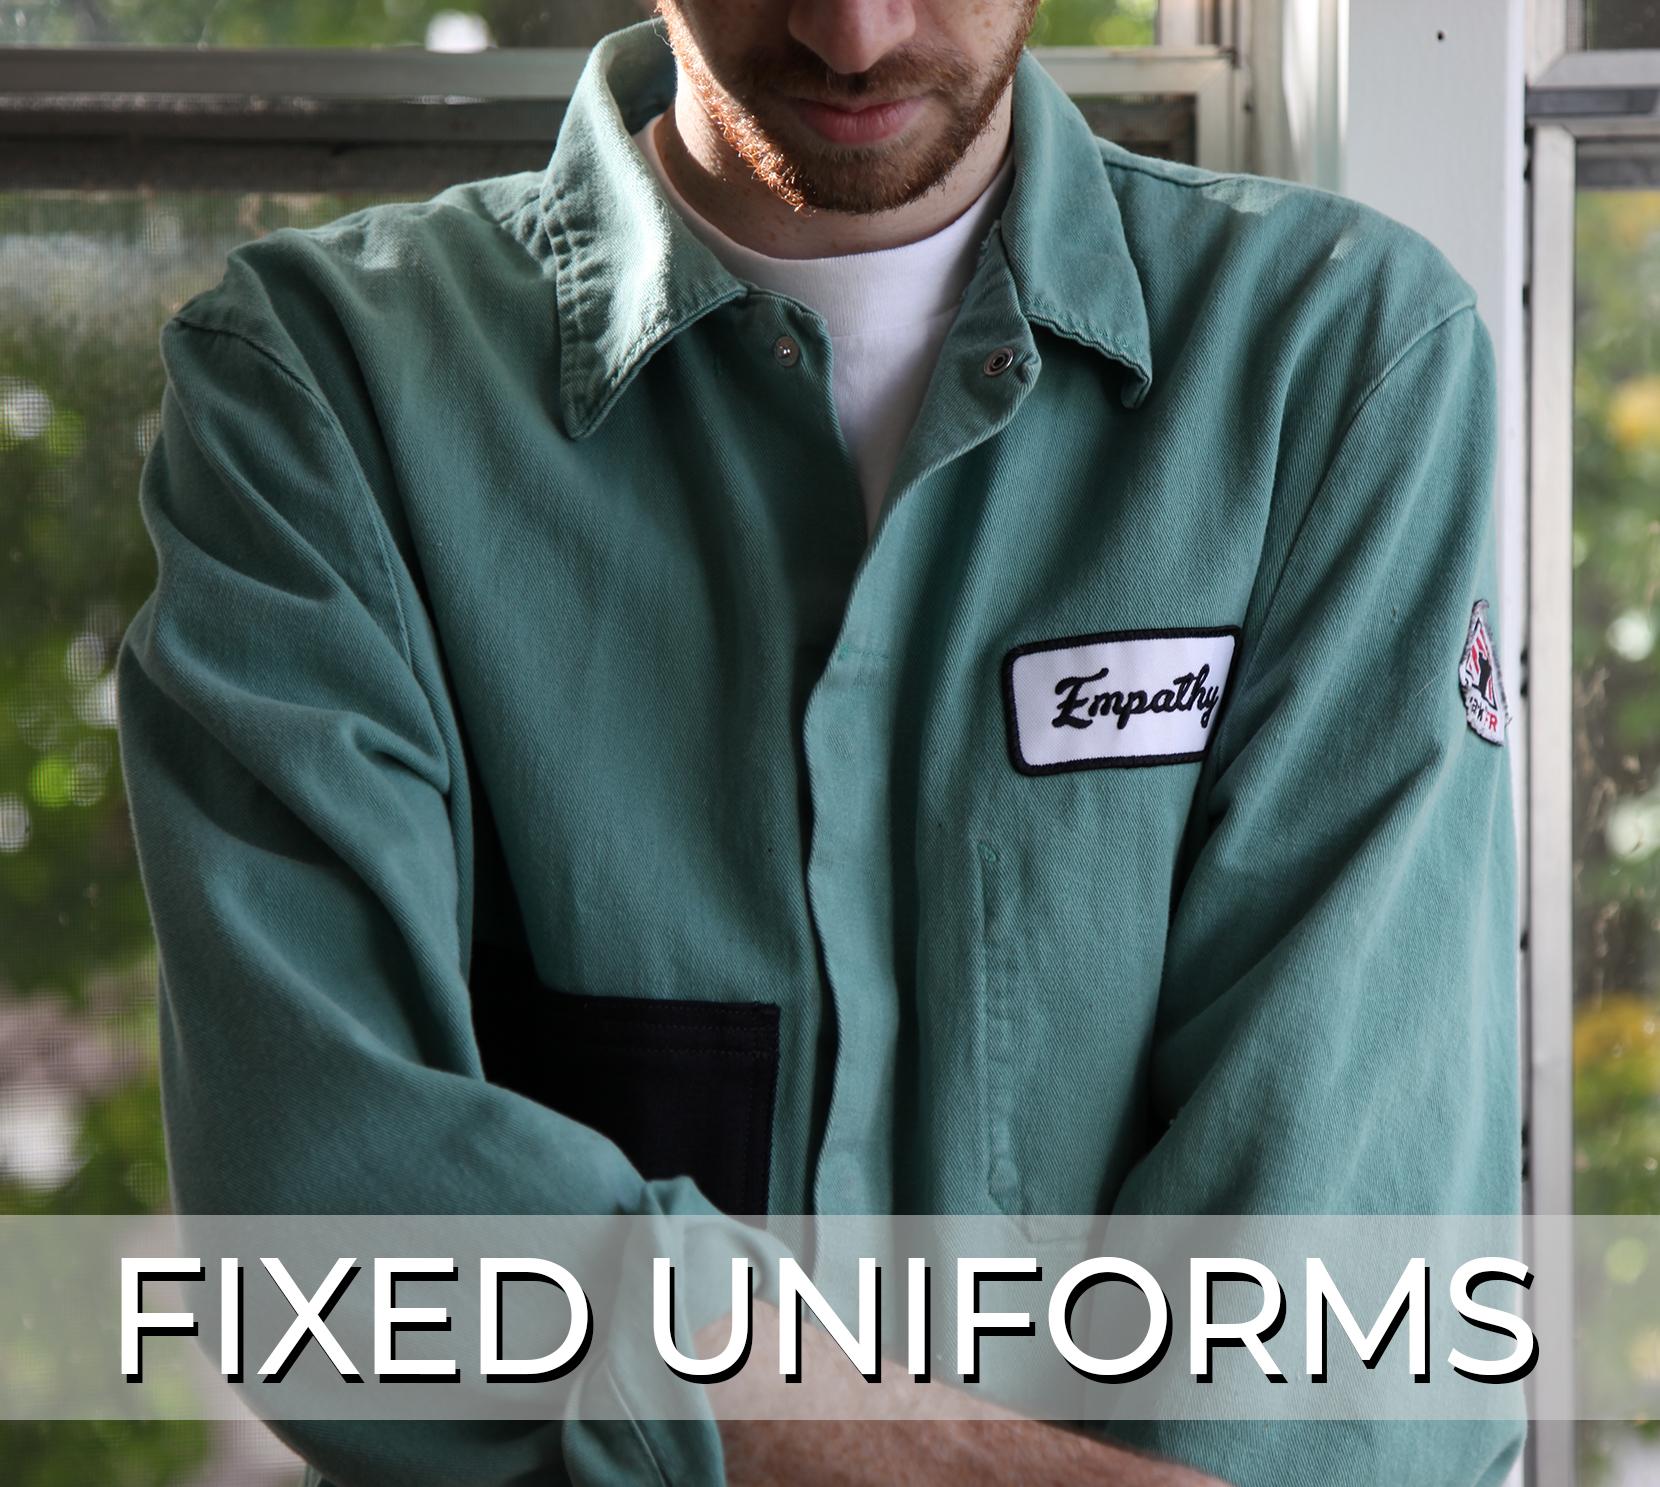 fixeduniforms_image_website.jpg